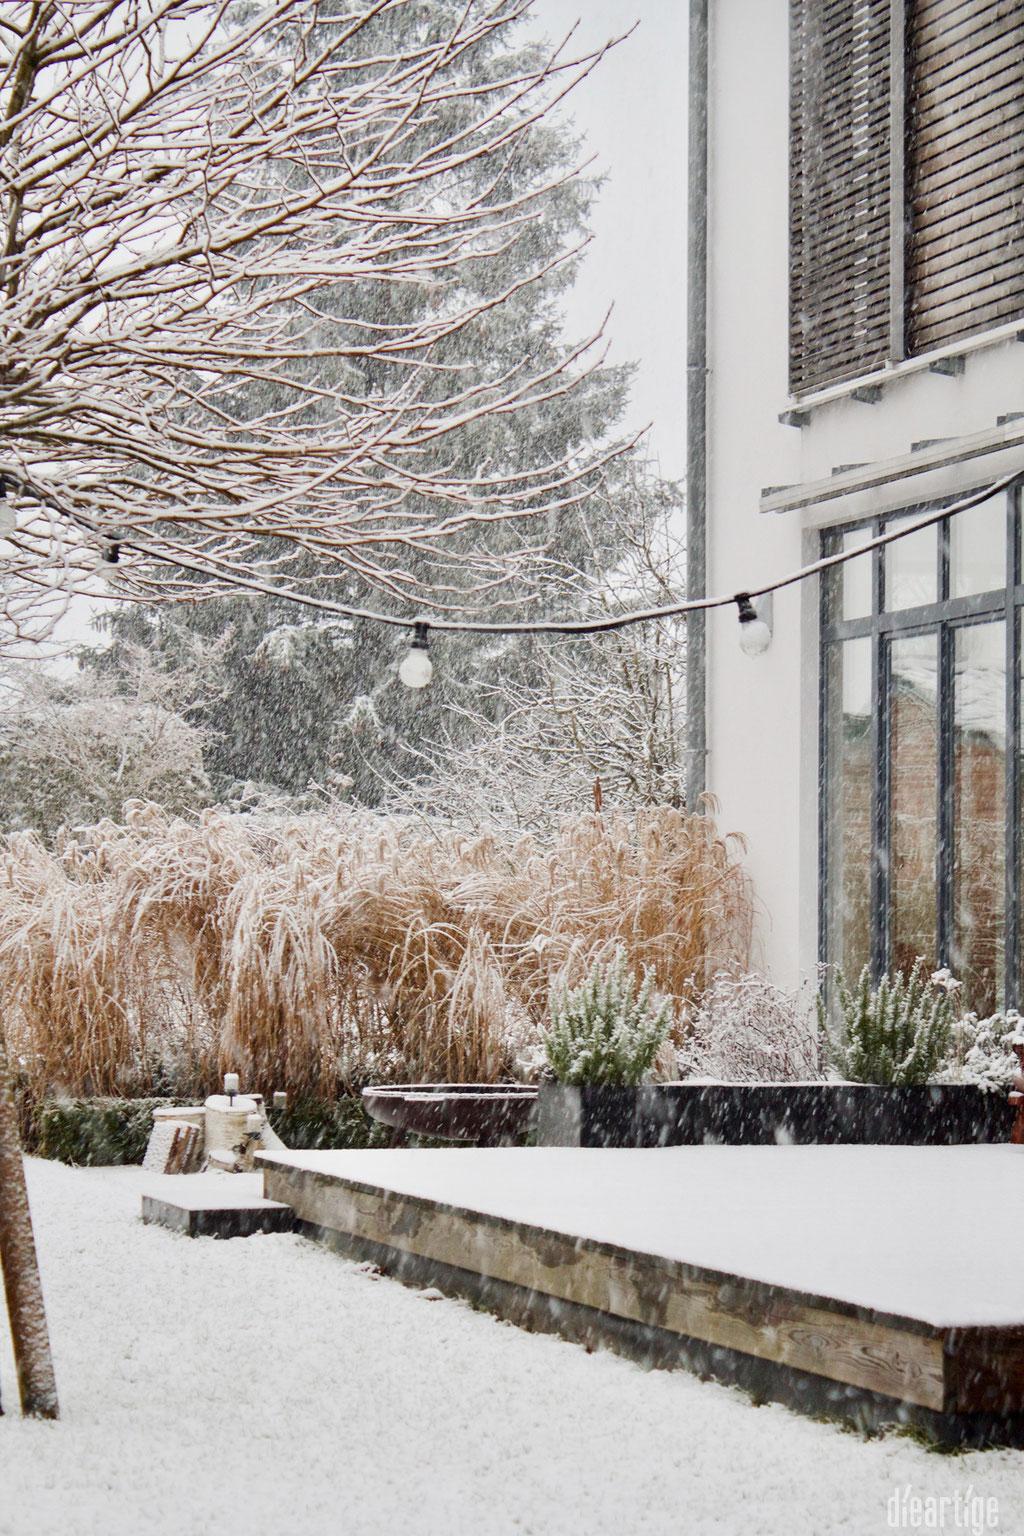 dieartigeBLOG - Schnee im Wintergarten, Chinaschilf + Terrasse